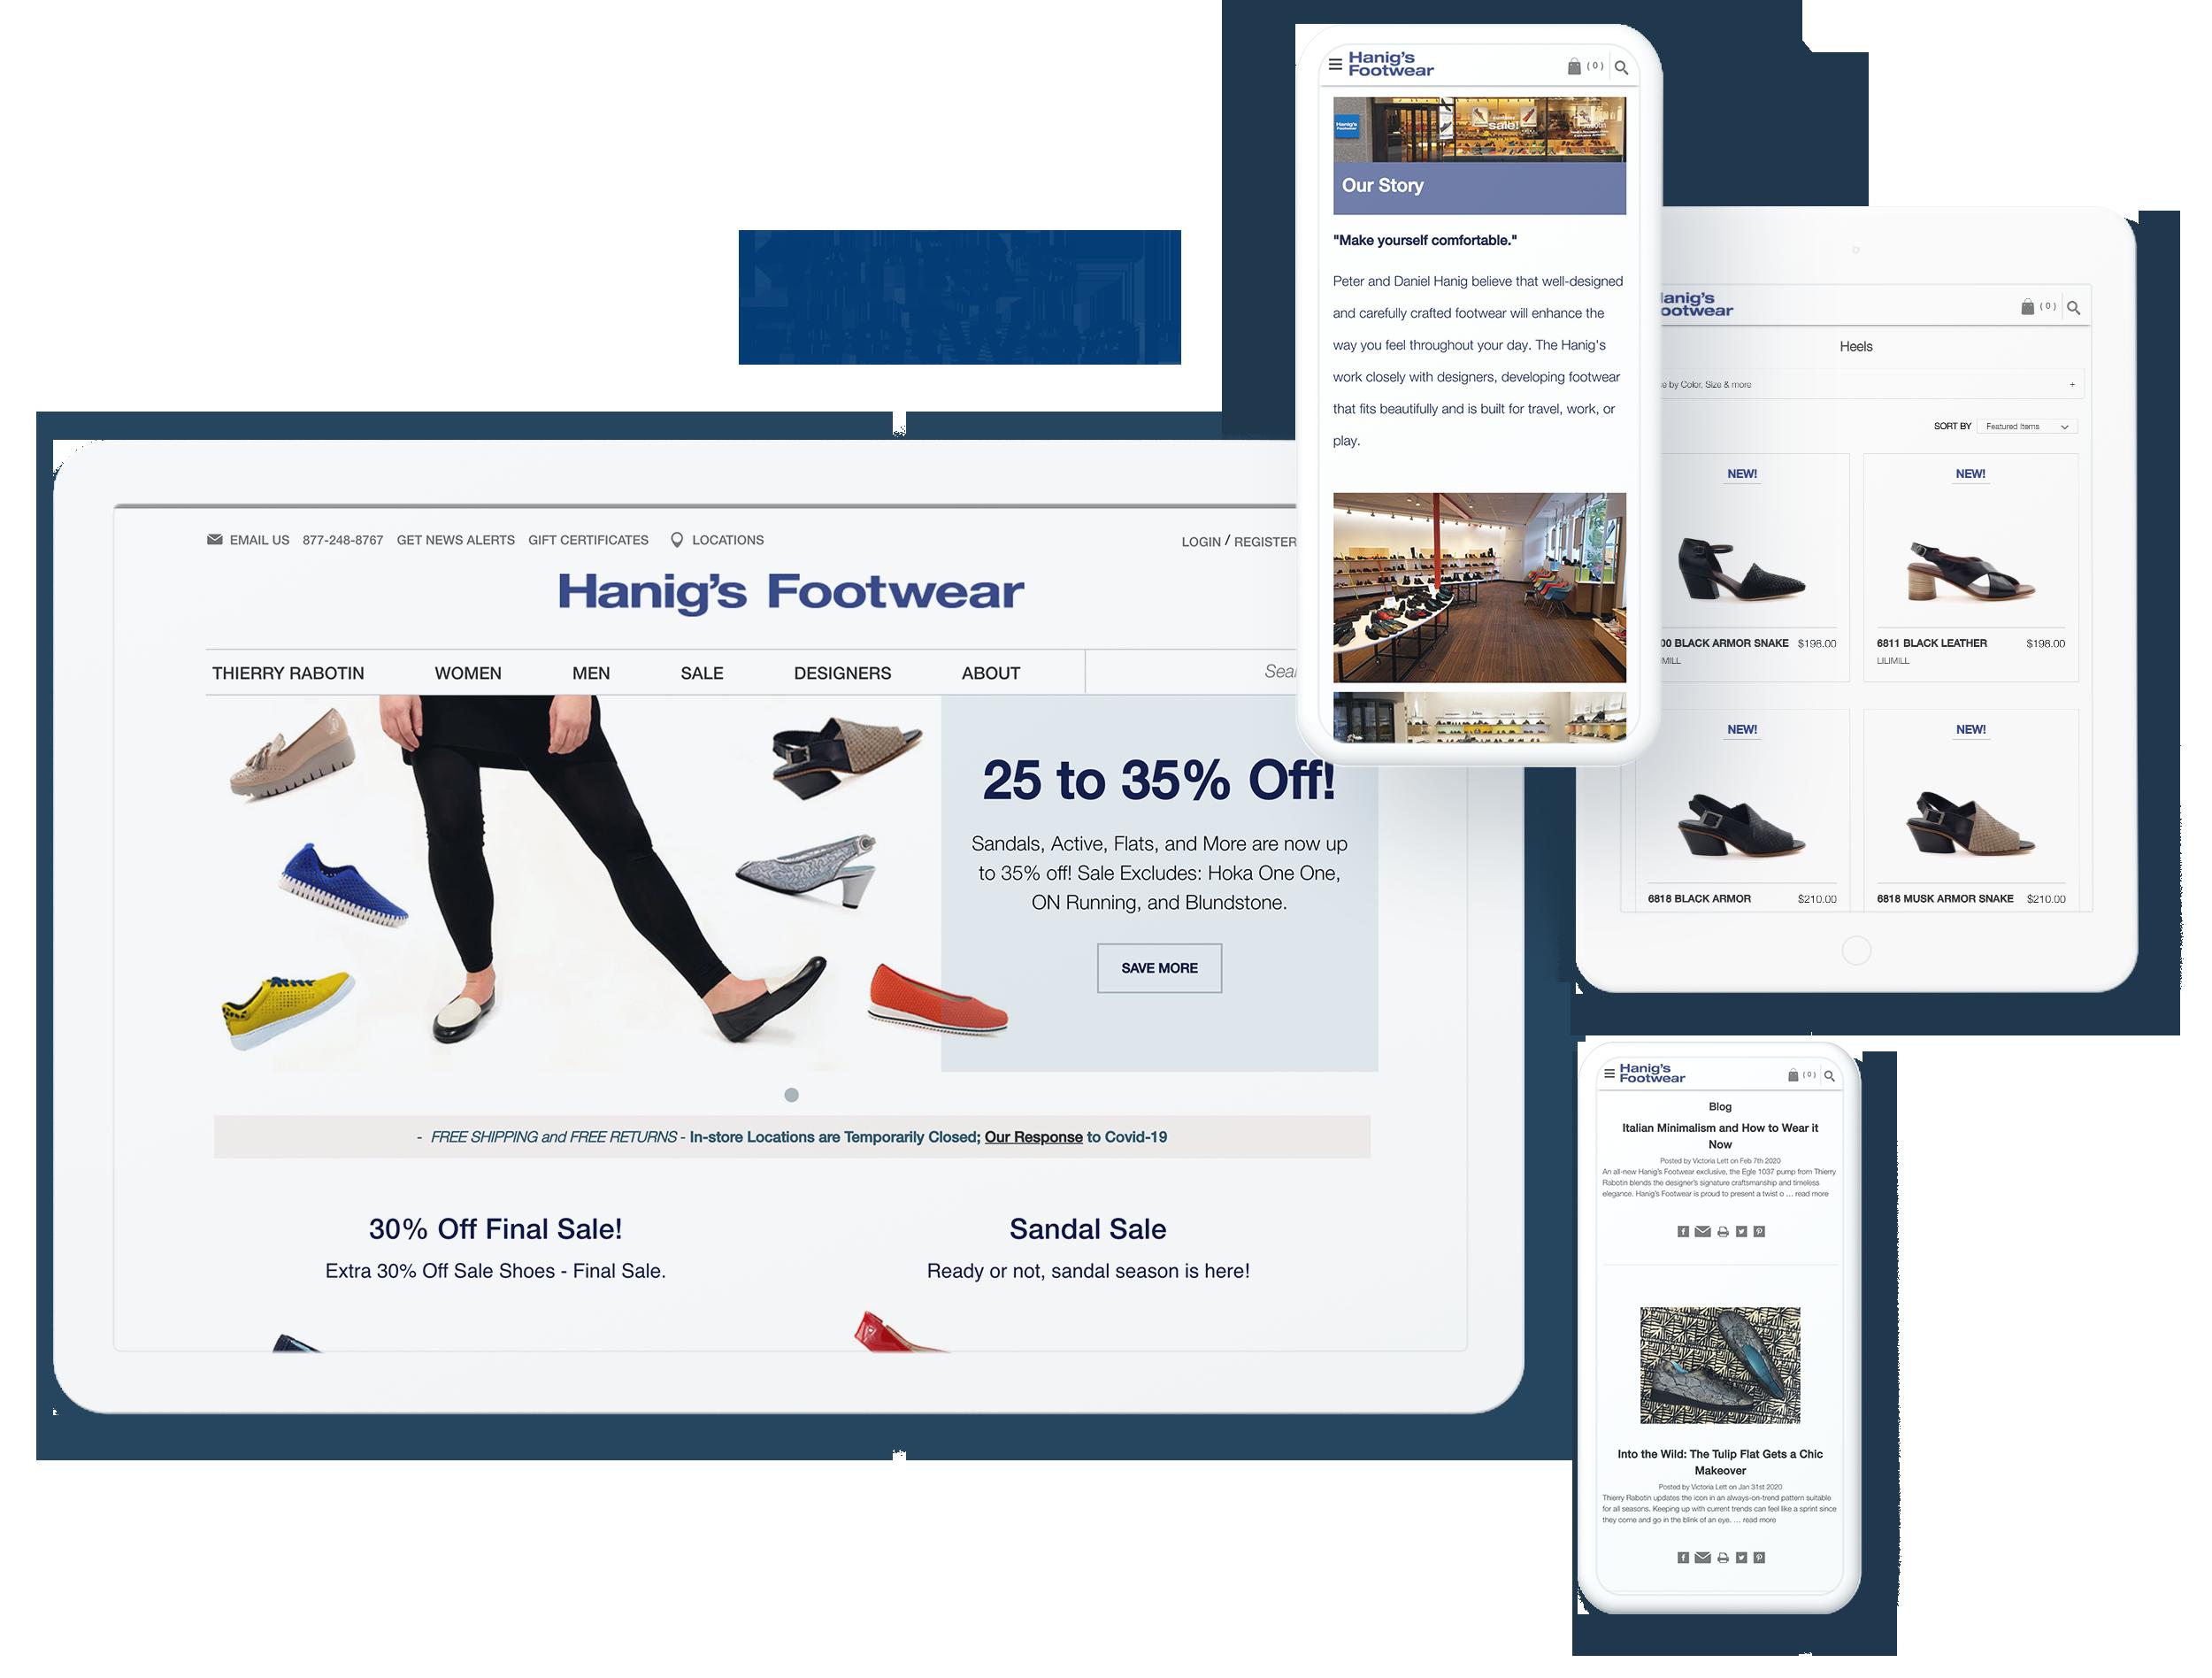 Hanigs_Footwear_Spotlight